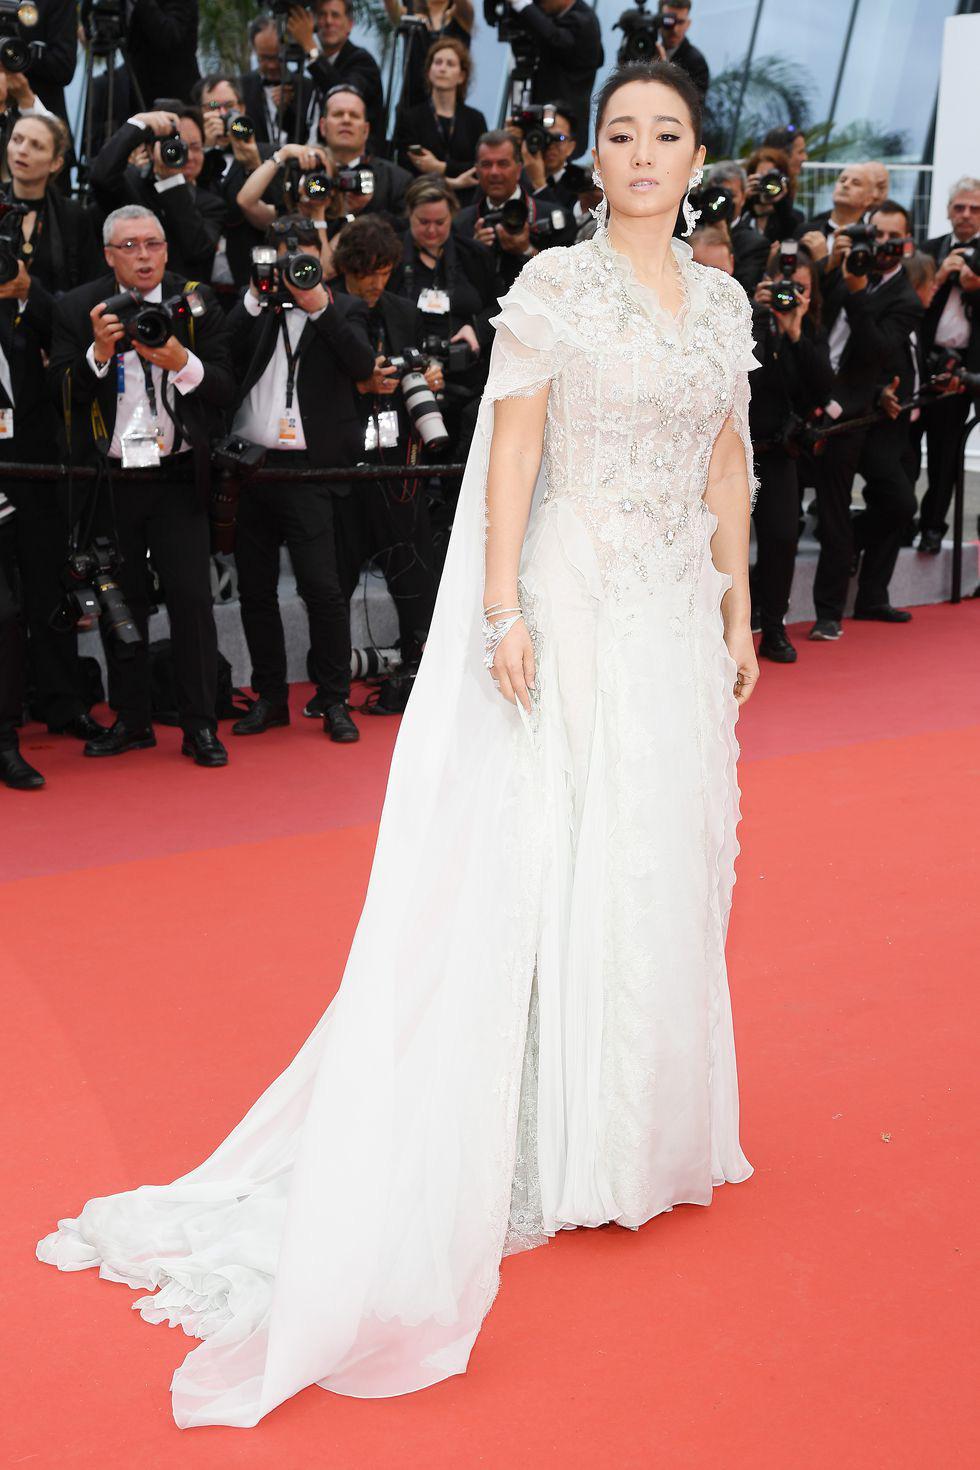 Cannes khai mạc với zombie, chính trị và bình đẳng giới - Ảnh 12.